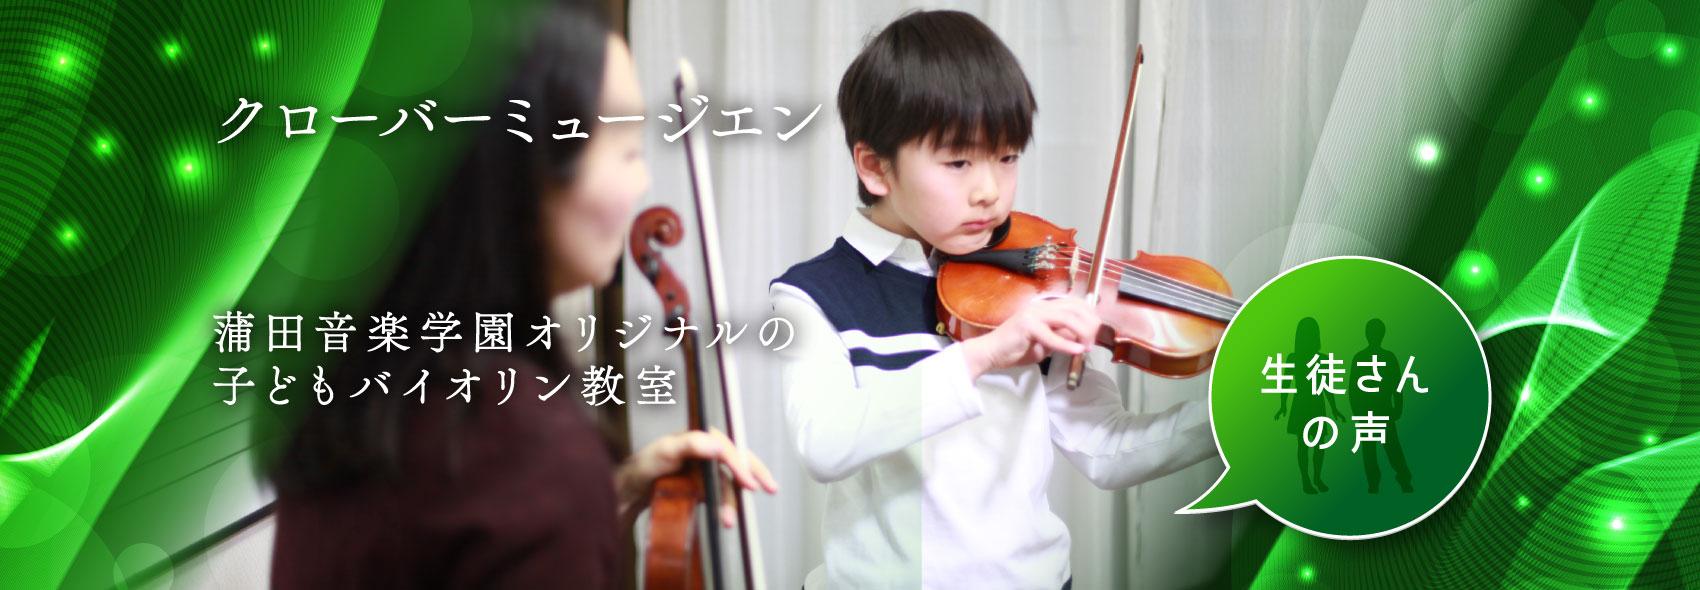 クローバーミュージエン 蒲田音楽学園オリジナルの子どもヴァイオリン教室